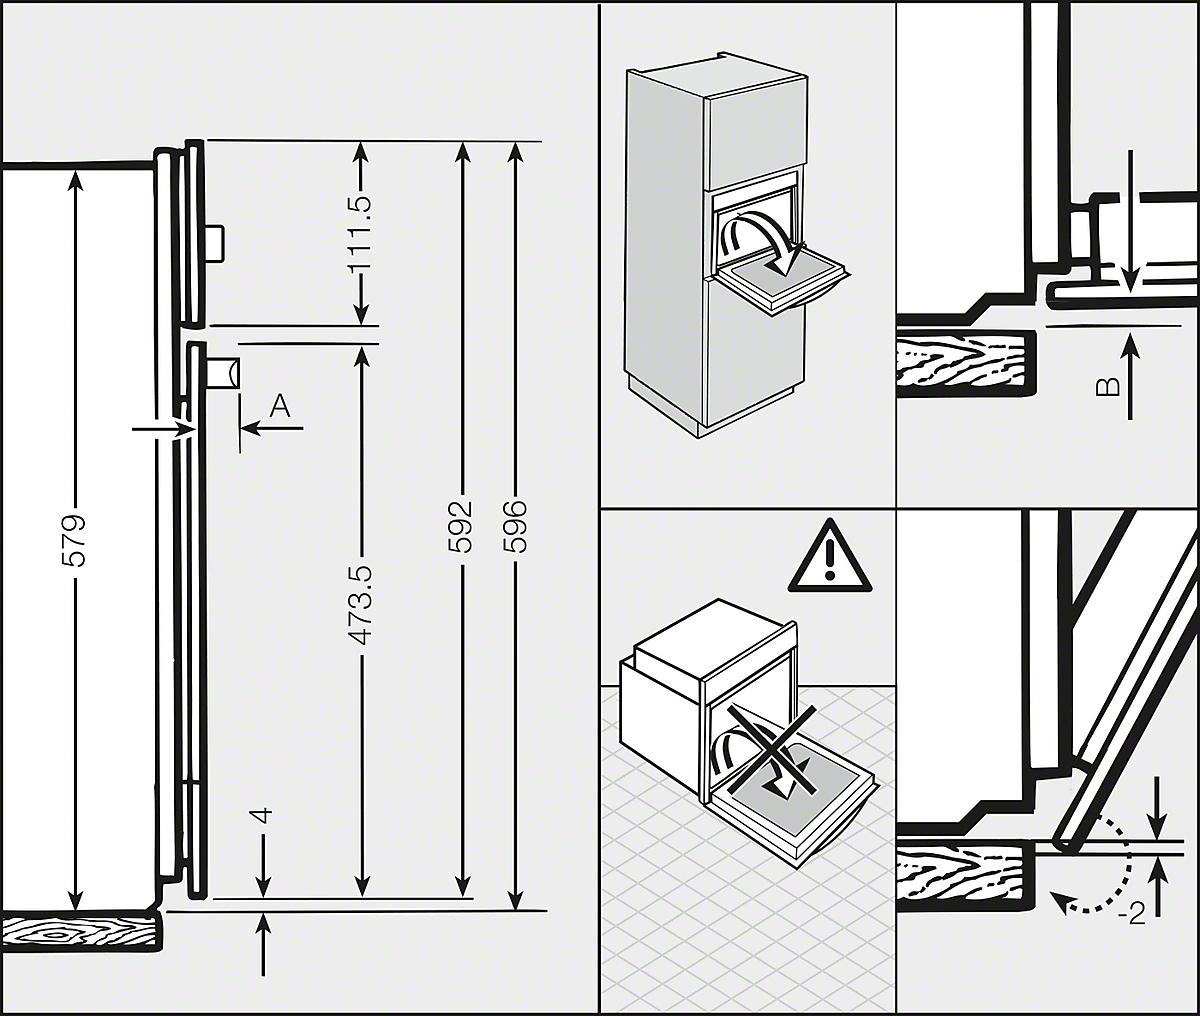 miele ovens h 6260 b oven. Black Bedroom Furniture Sets. Home Design Ideas